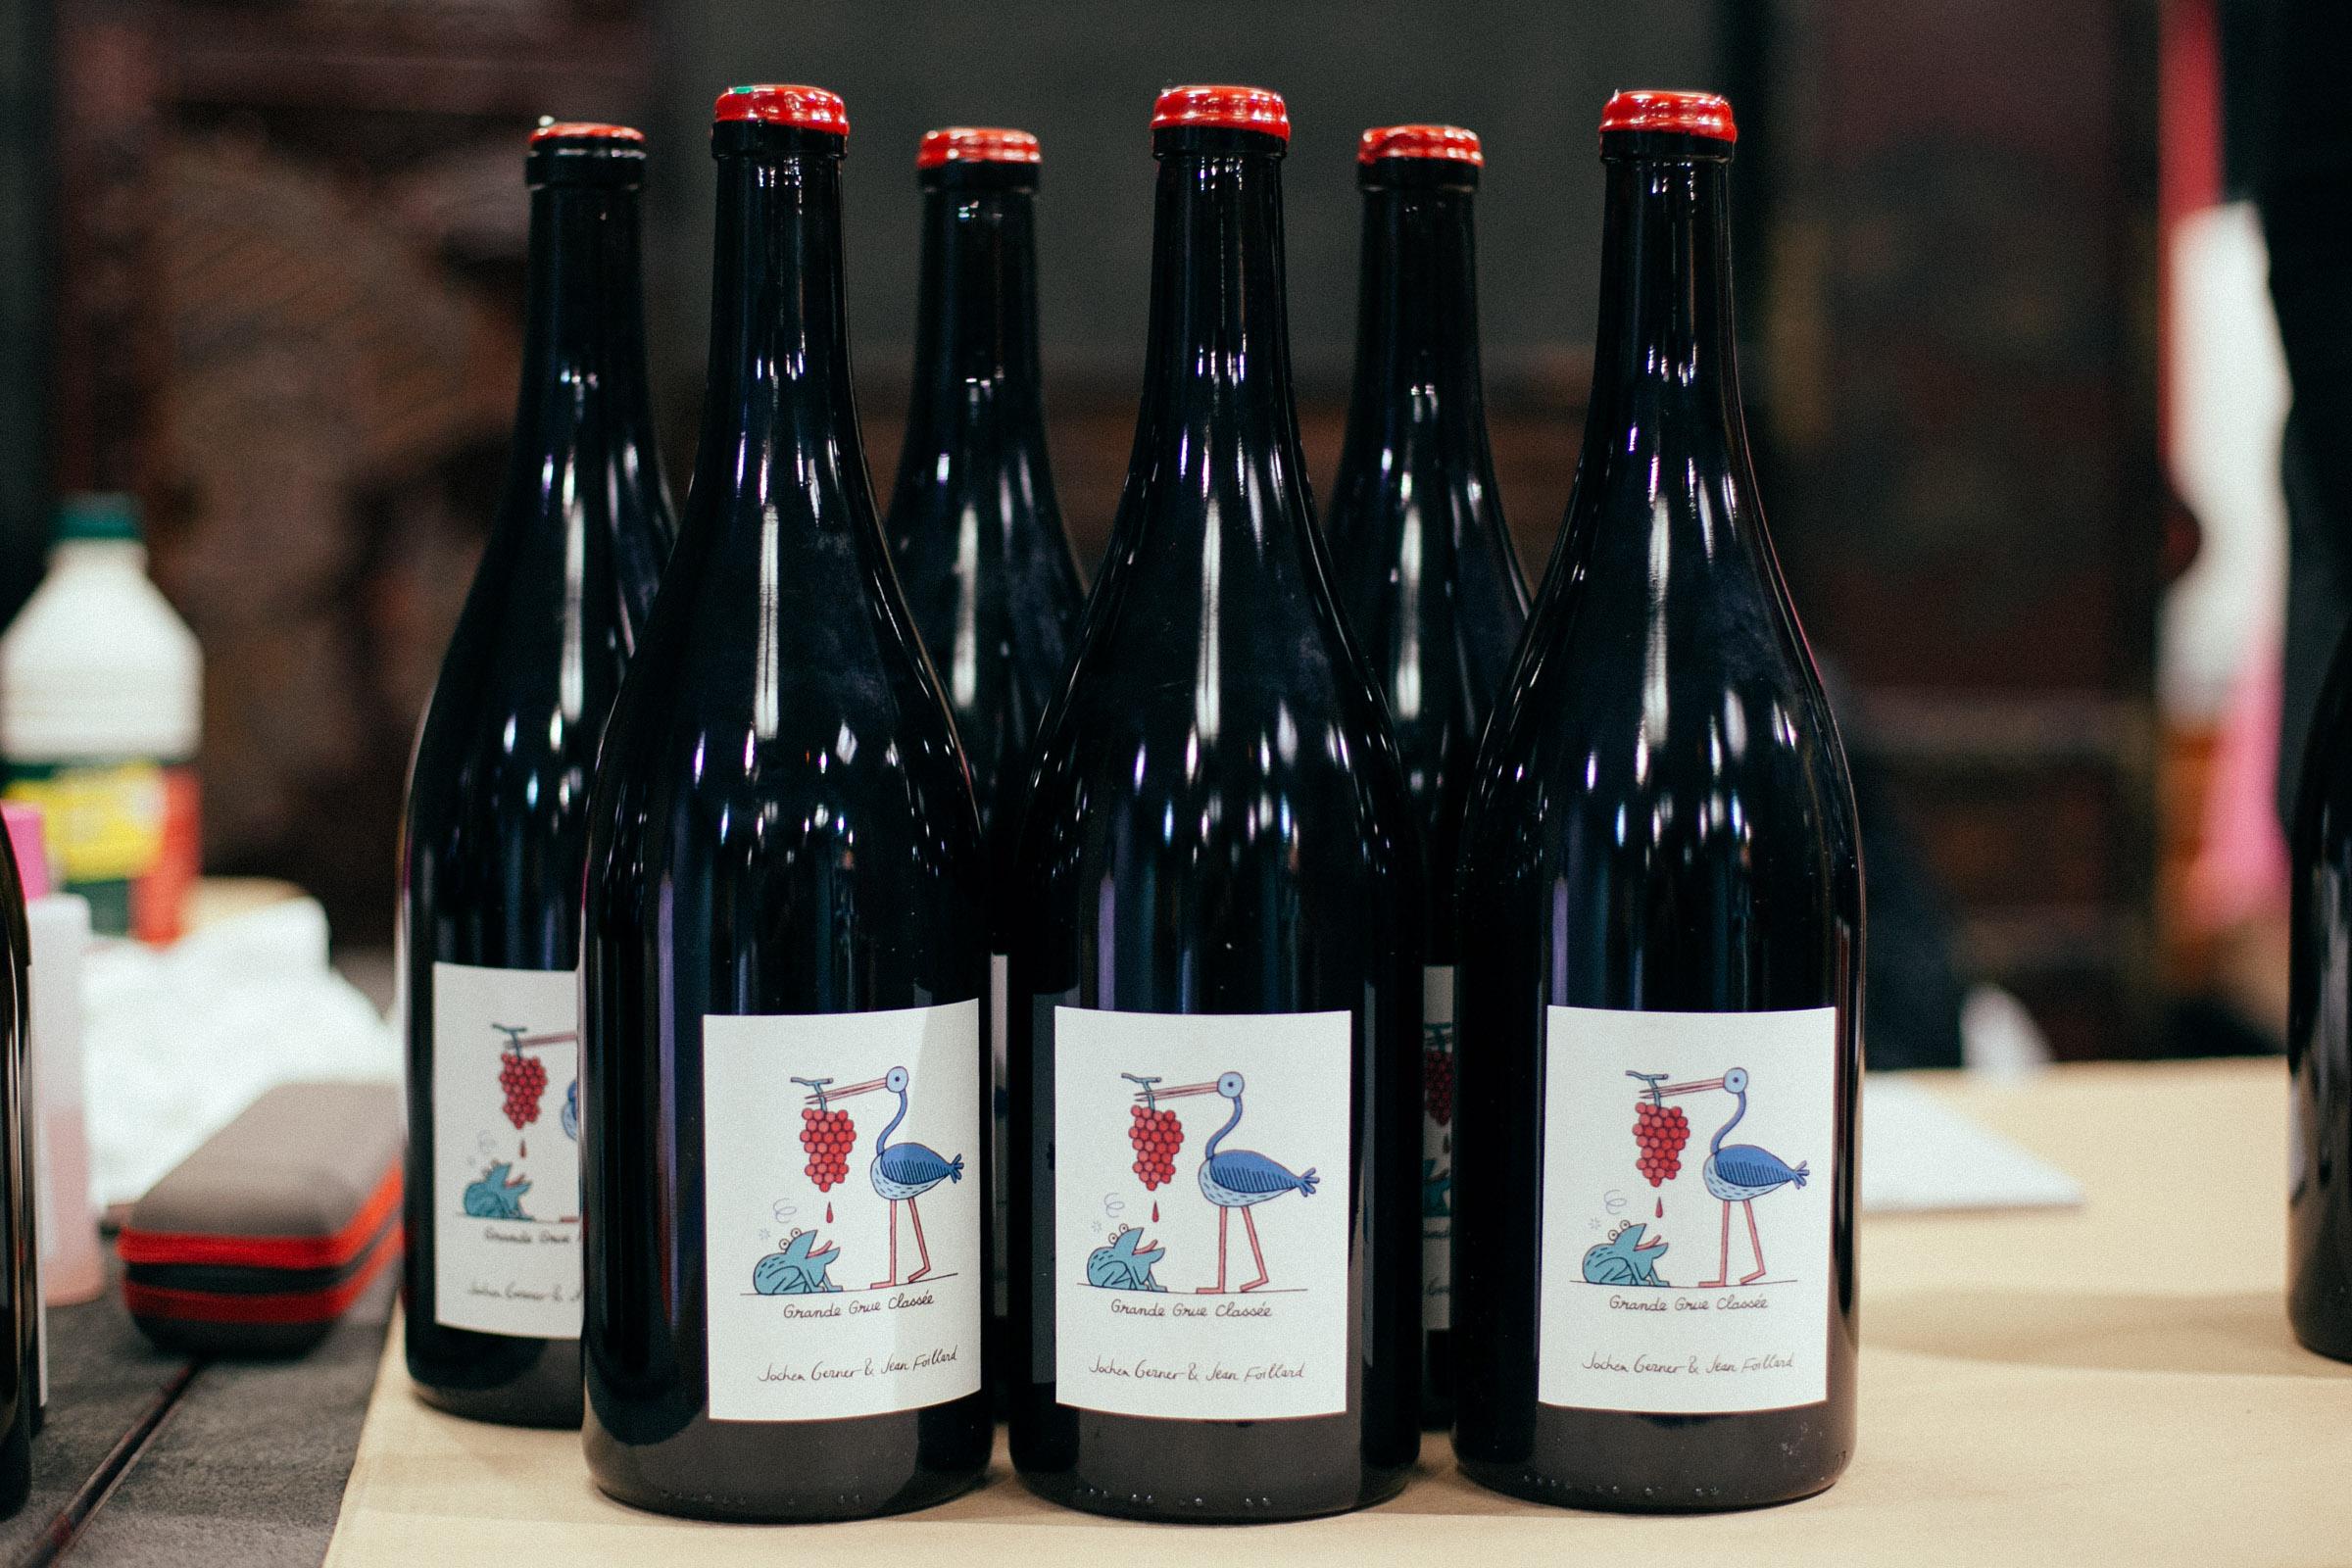 L'un des lots mis en vente. Vin de Jean Foillard, étiquette de Jonchen Gerner.